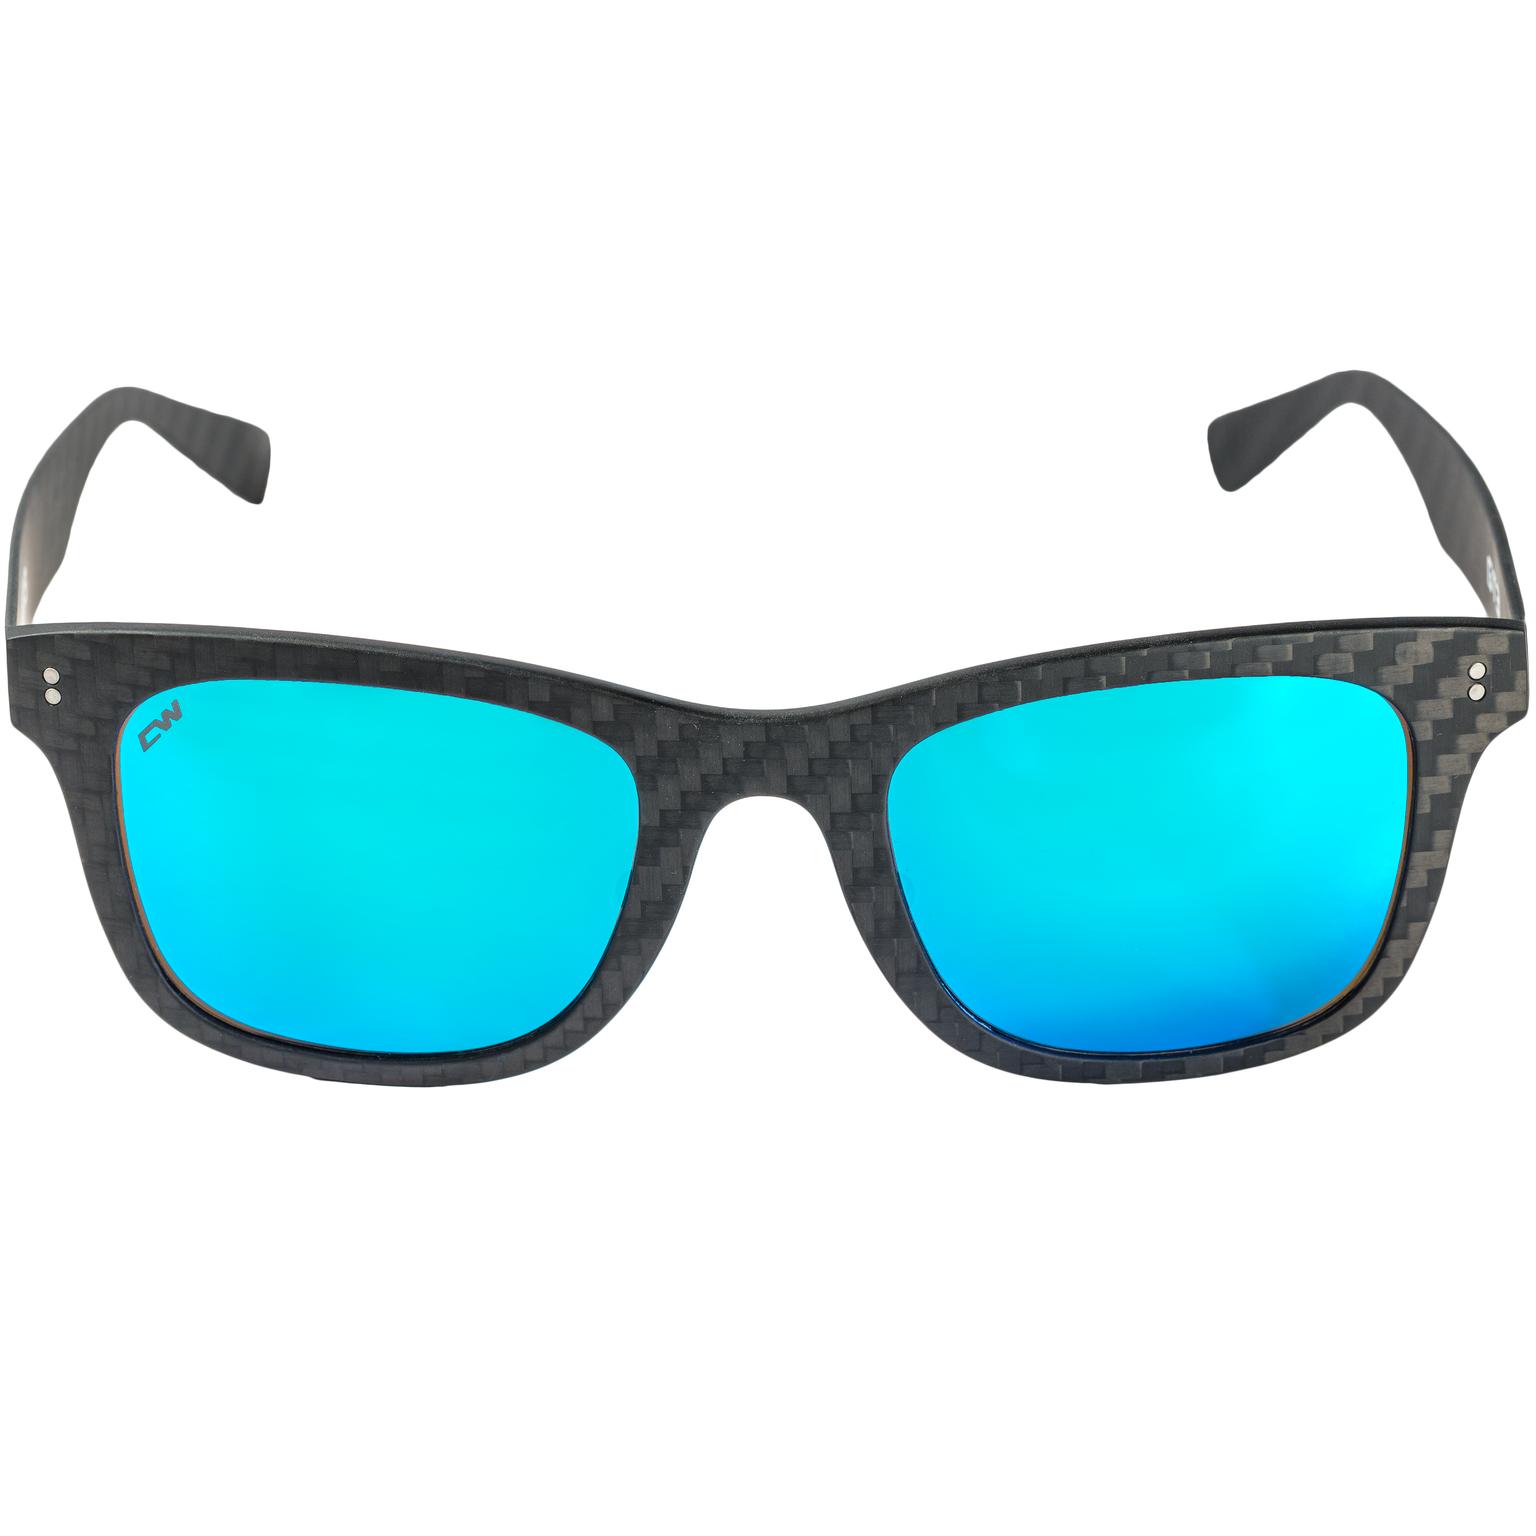 GT3 sunglasses Sea Blue Mirror